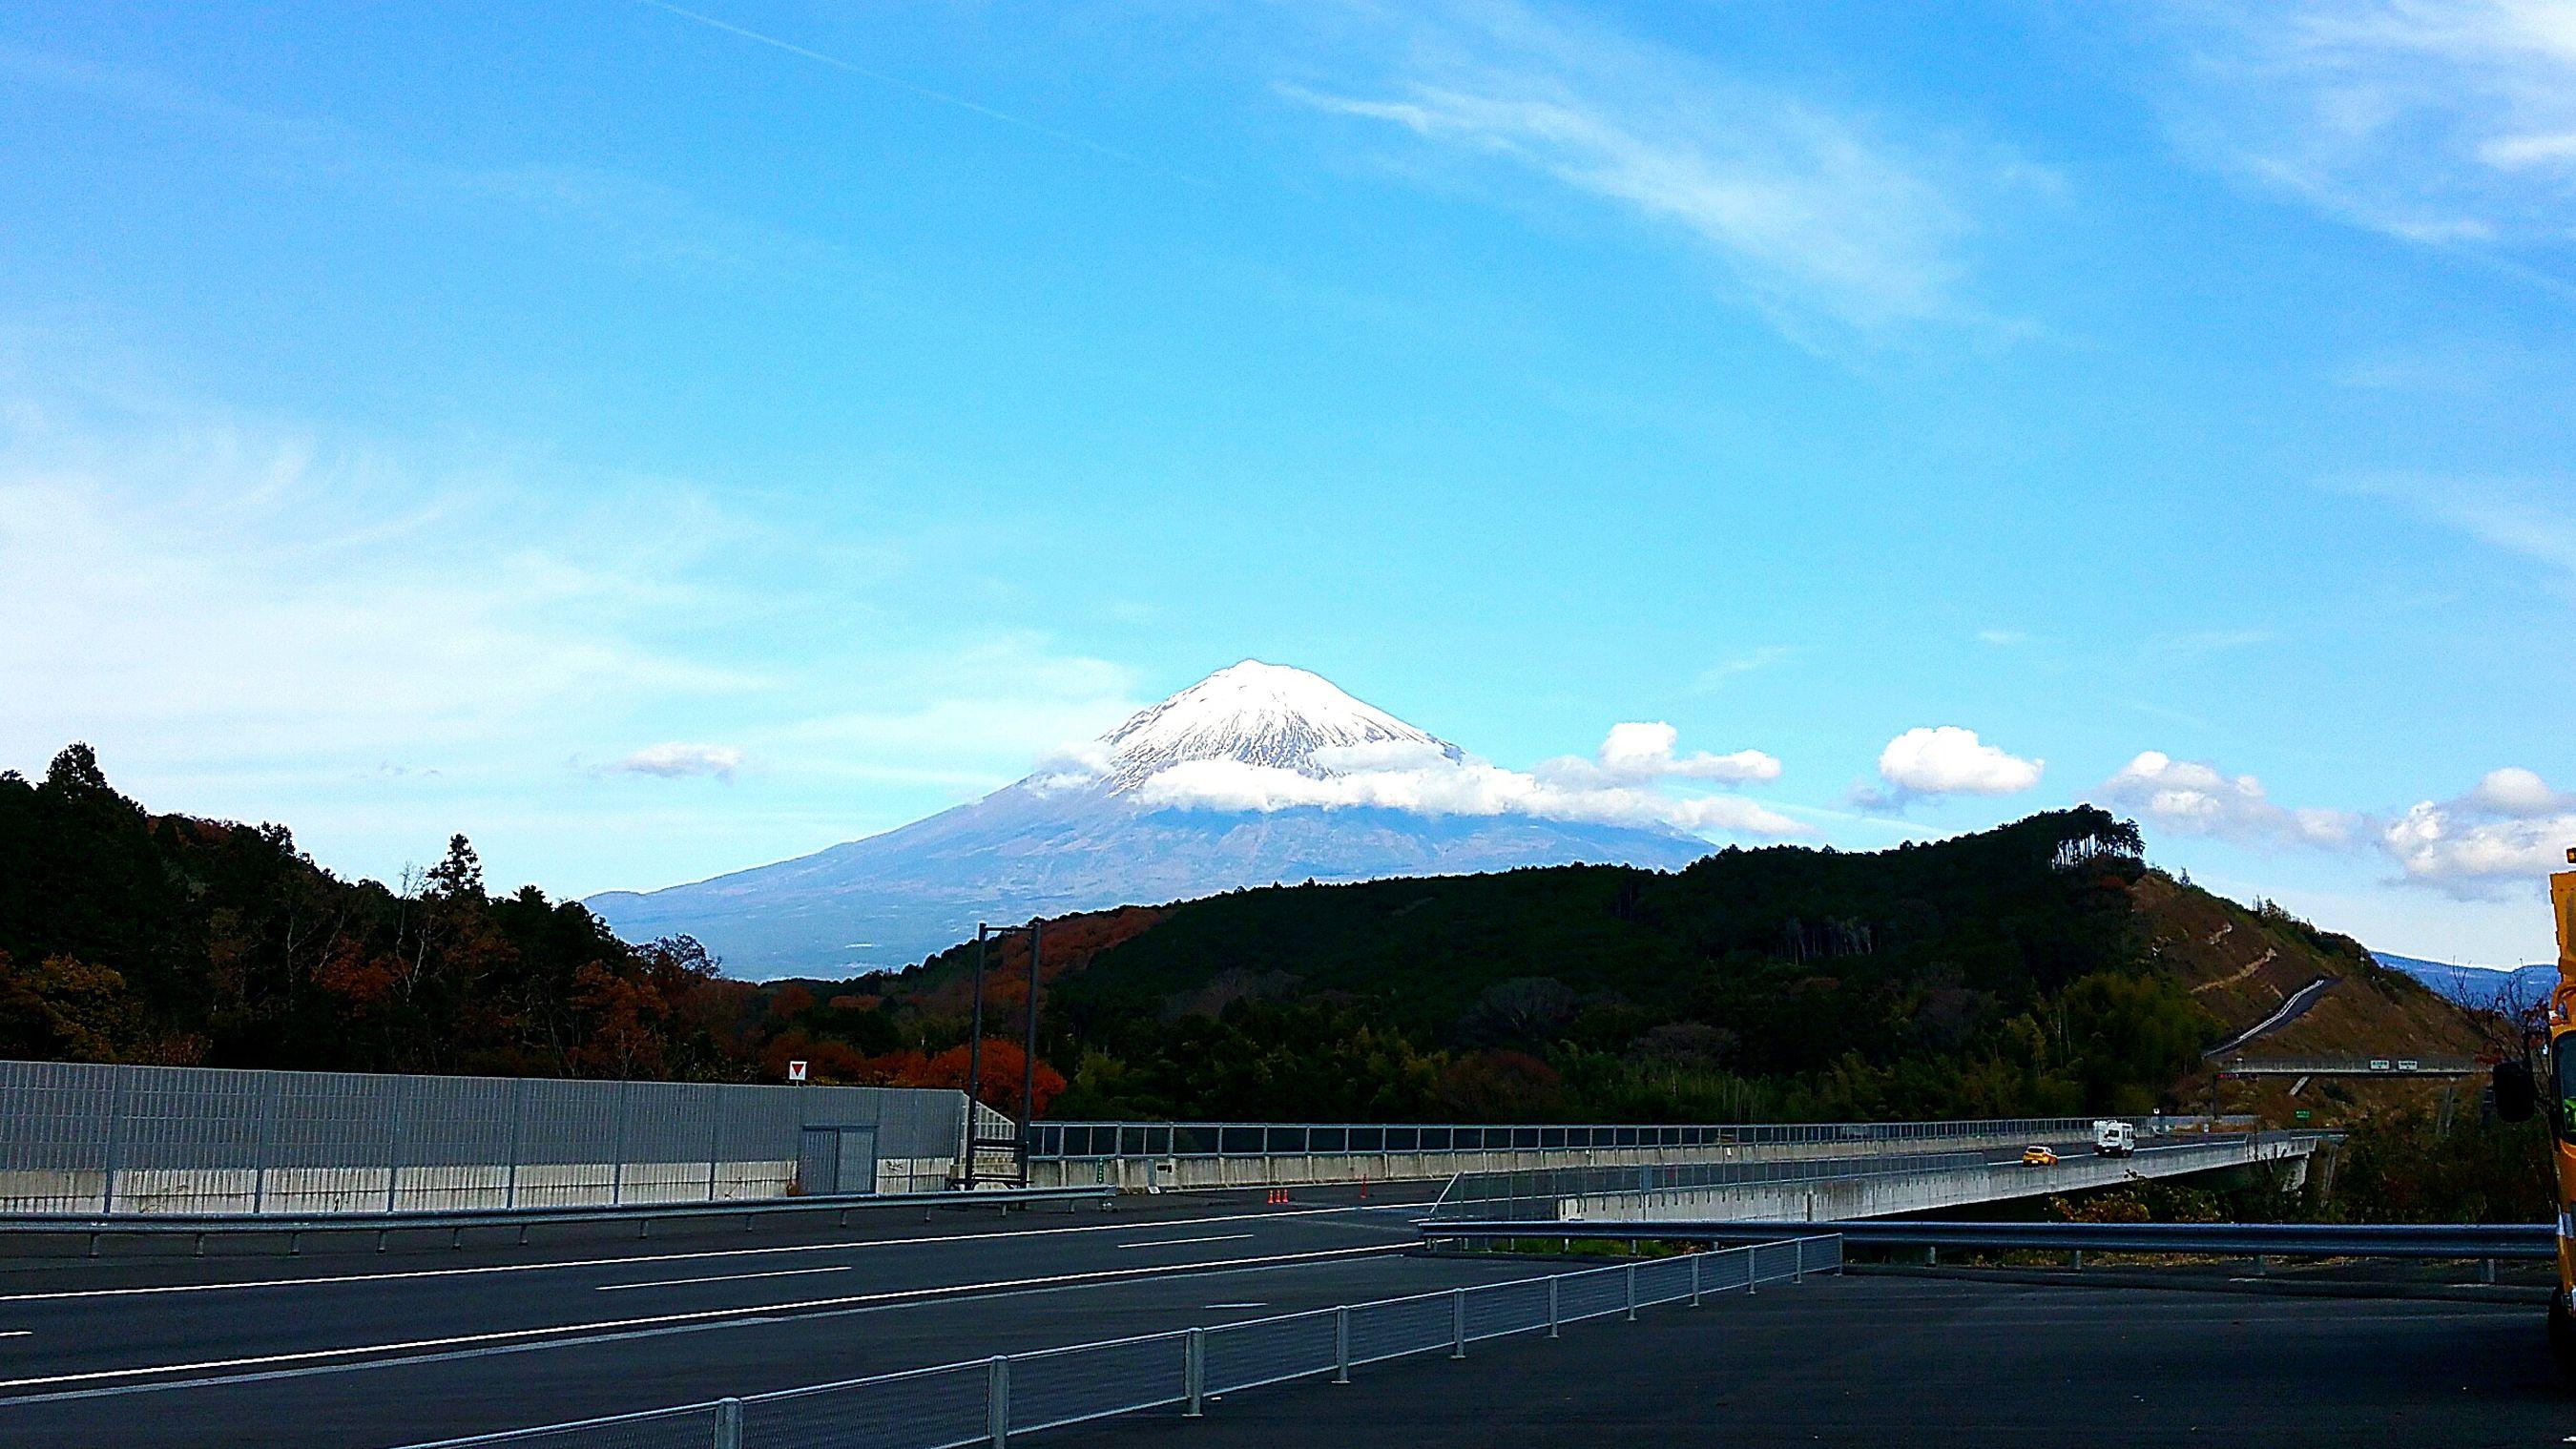 新東名下り線 明星山トンネル入り口から見た富士山です。 富士山 Mt.Fuji Hello World Winter お仕事 得した気分 冬景色